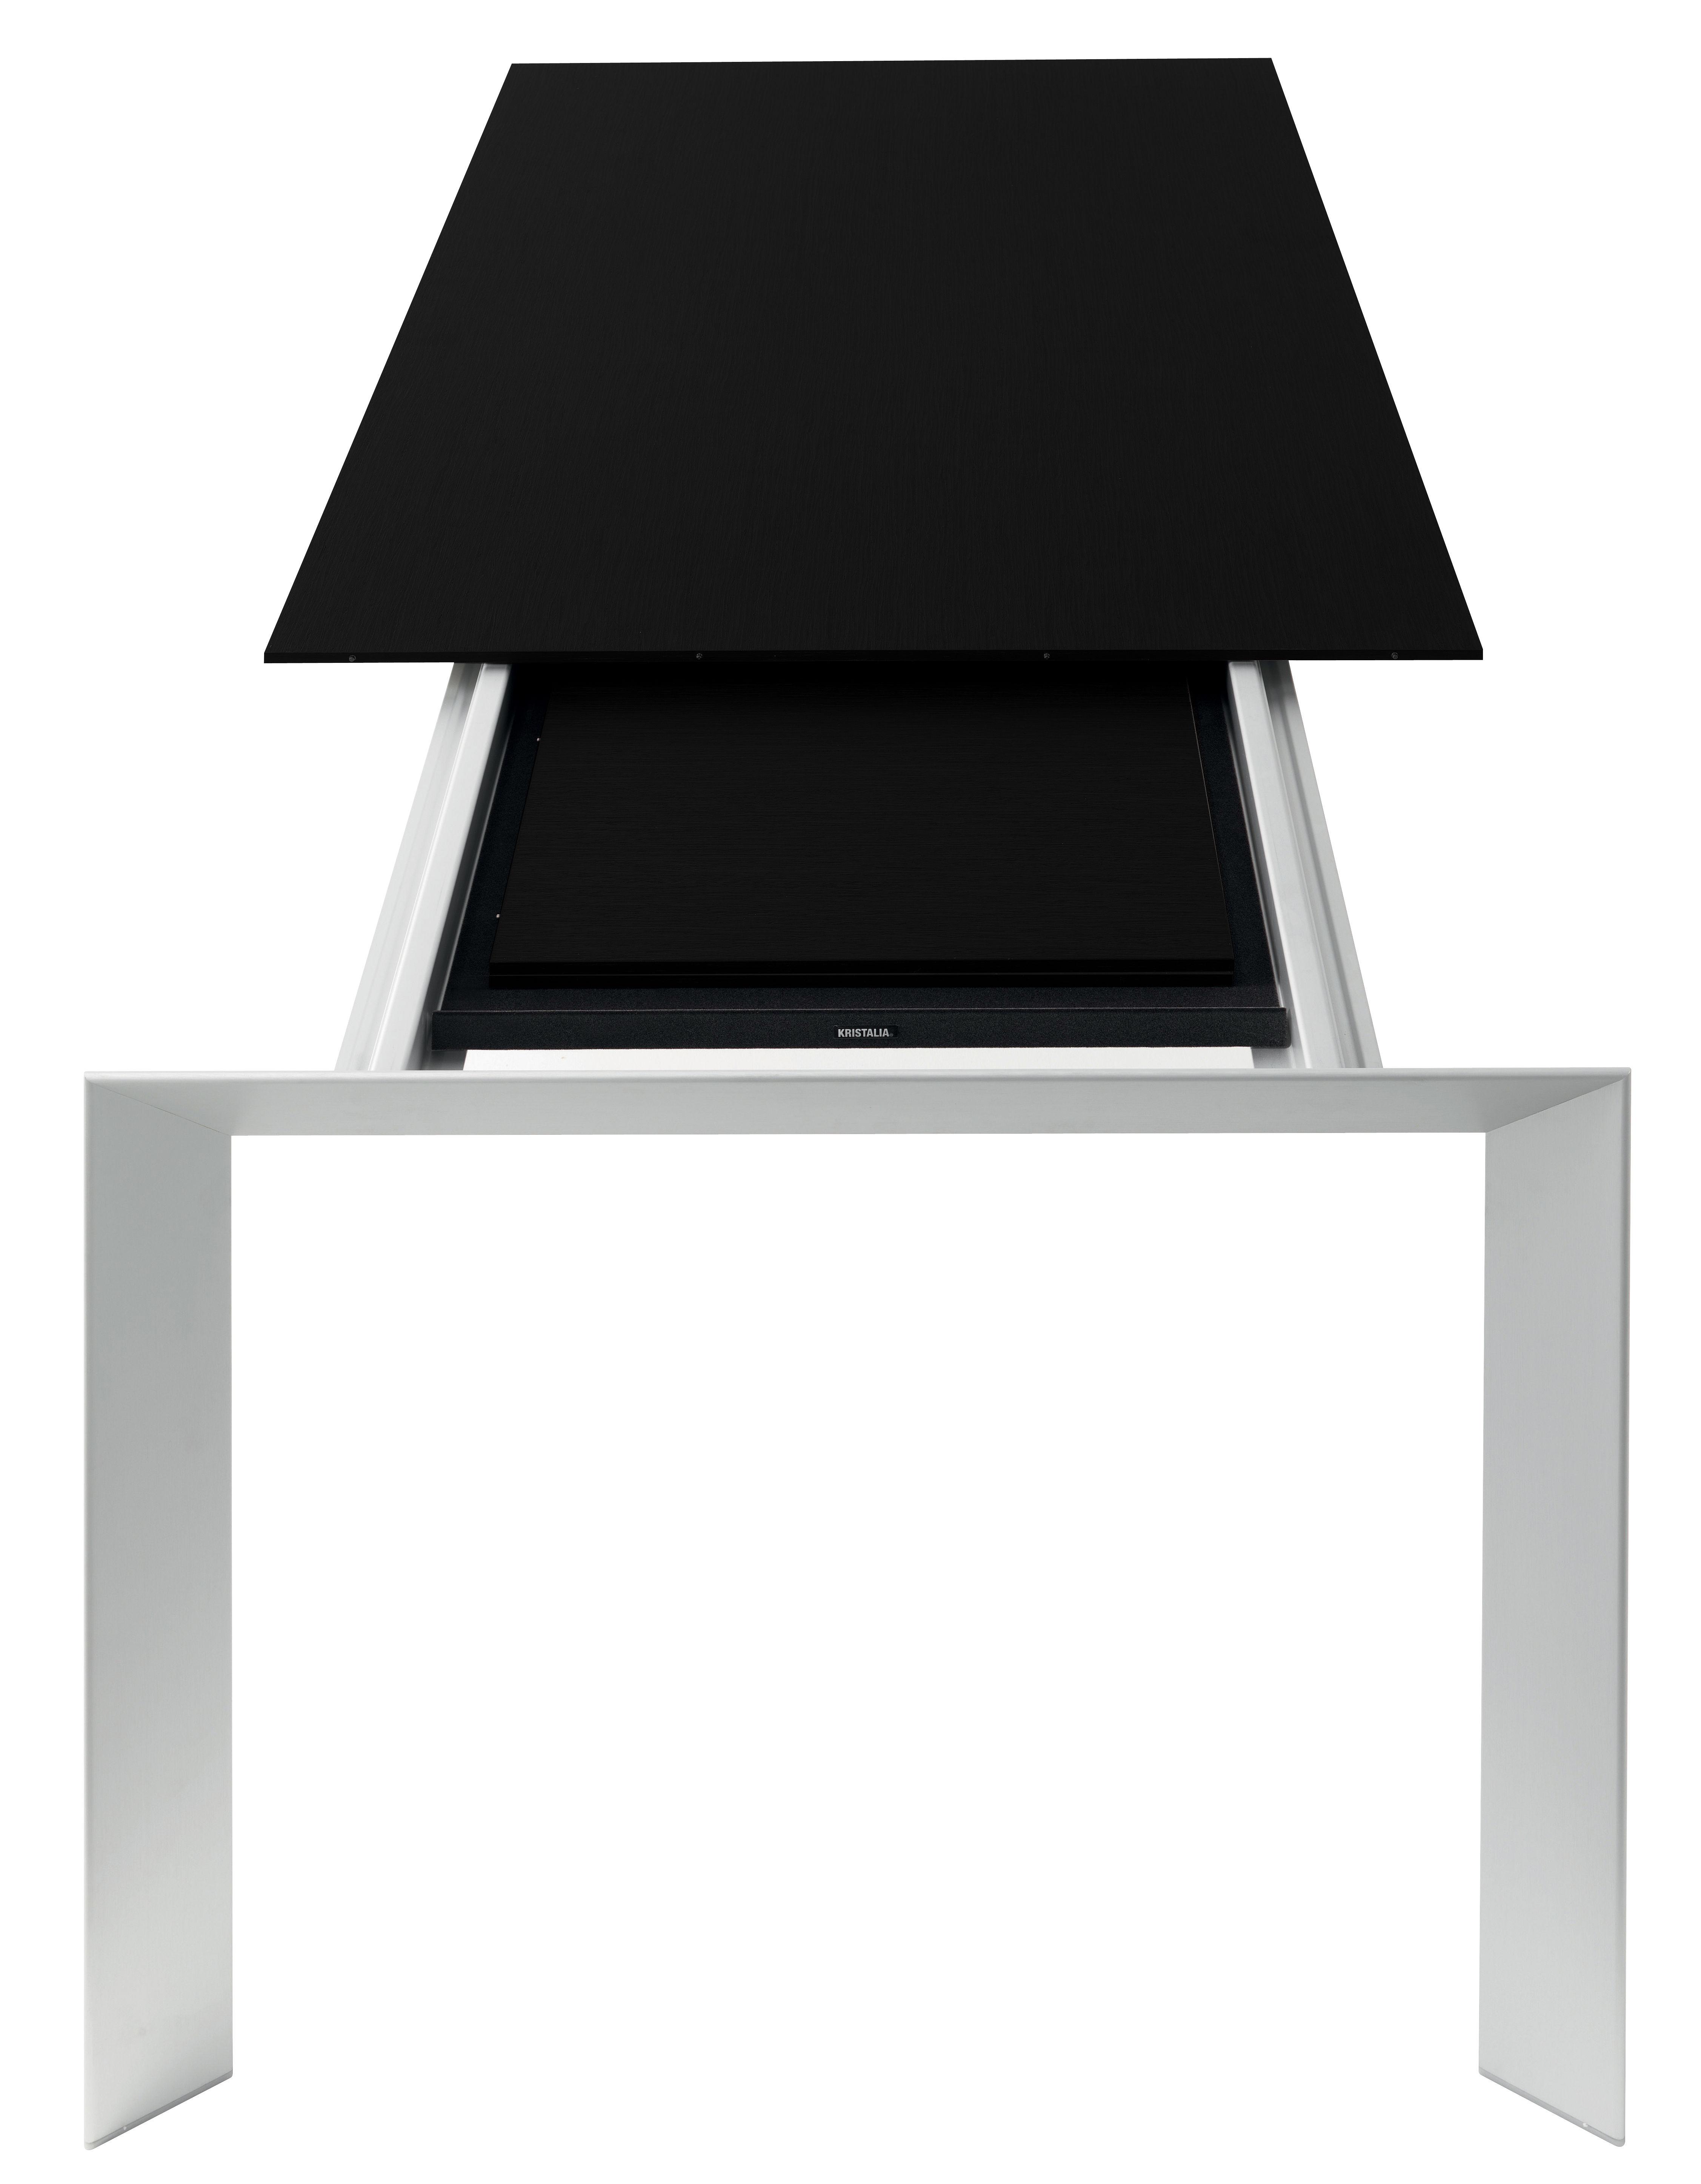 Rentrée 2011 UK - Bureau design - Table à rallonge Nori / L 139 à 214 cm - Kristalia - Noir / Pieds aluminium - Aluminium anodisé, Laminé stratifié